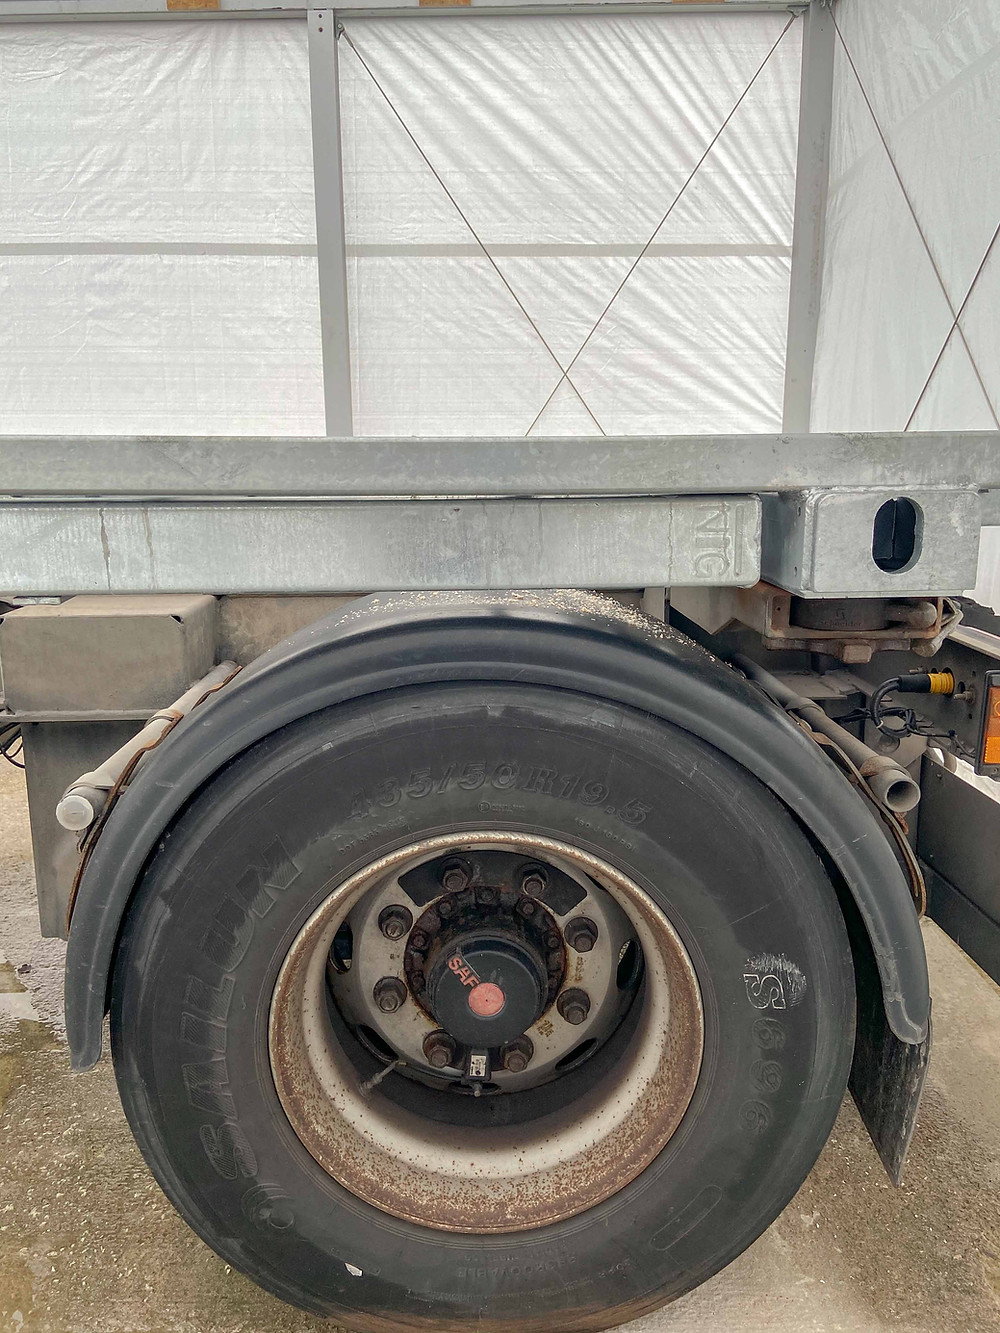 Über den Reifen des Anhängers sieht man eines der vier Stützbeine